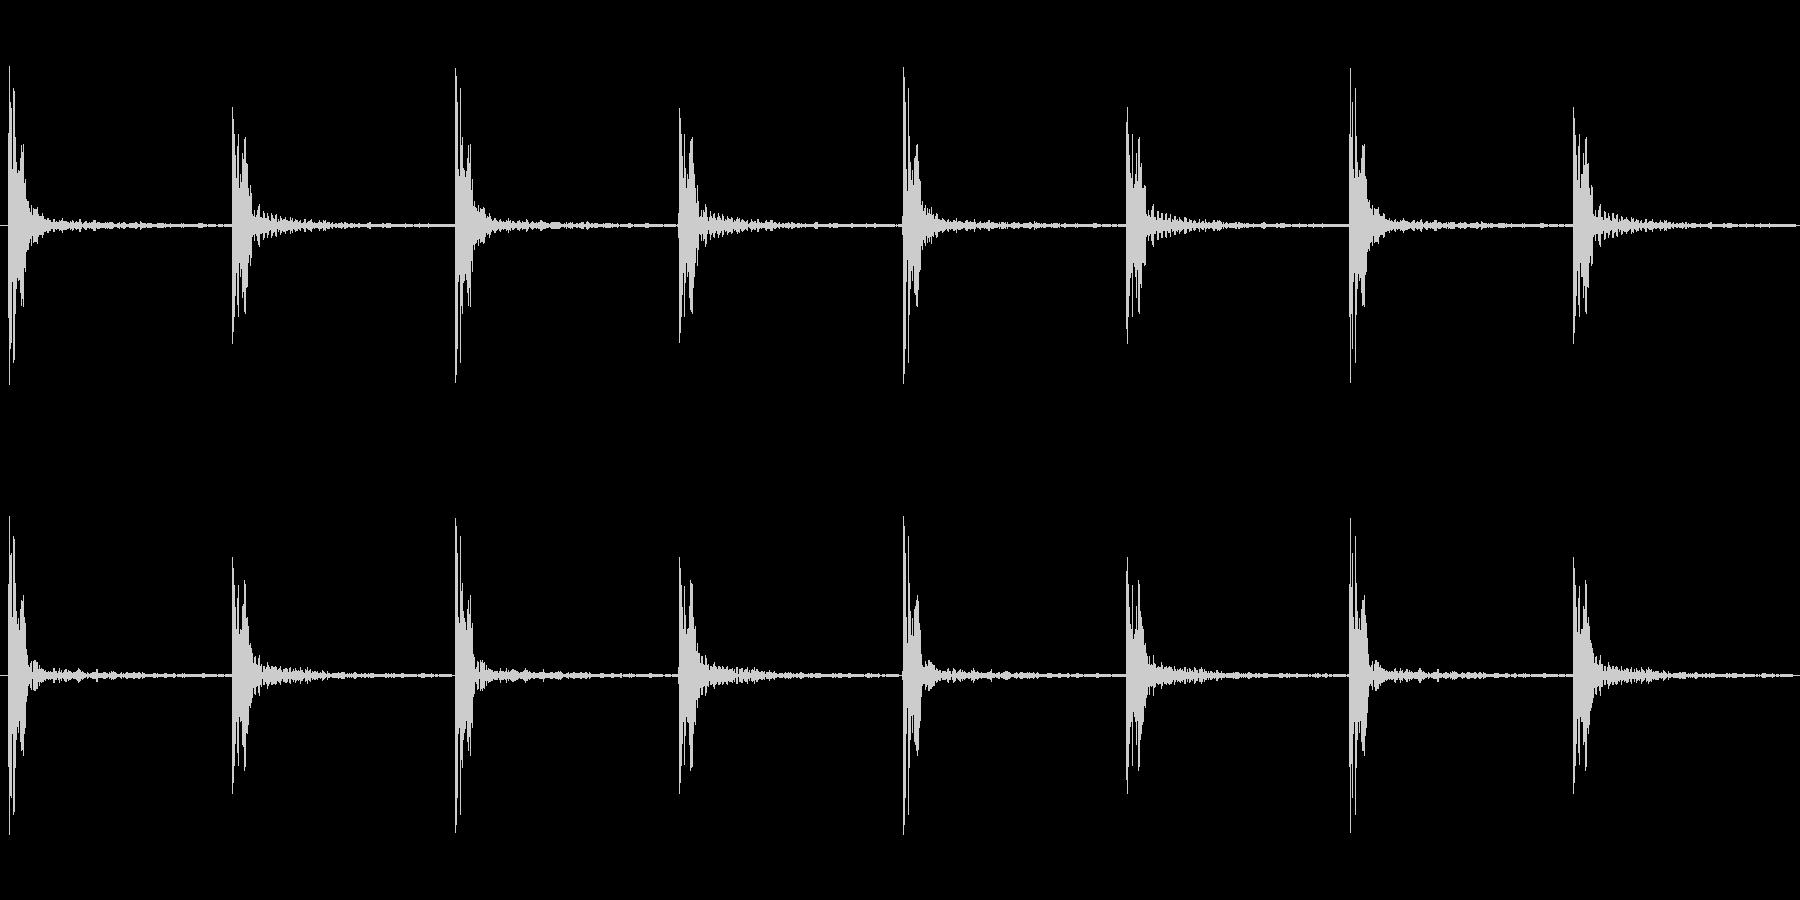 足音 パターンBロング版 重量感ある足音の未再生の波形